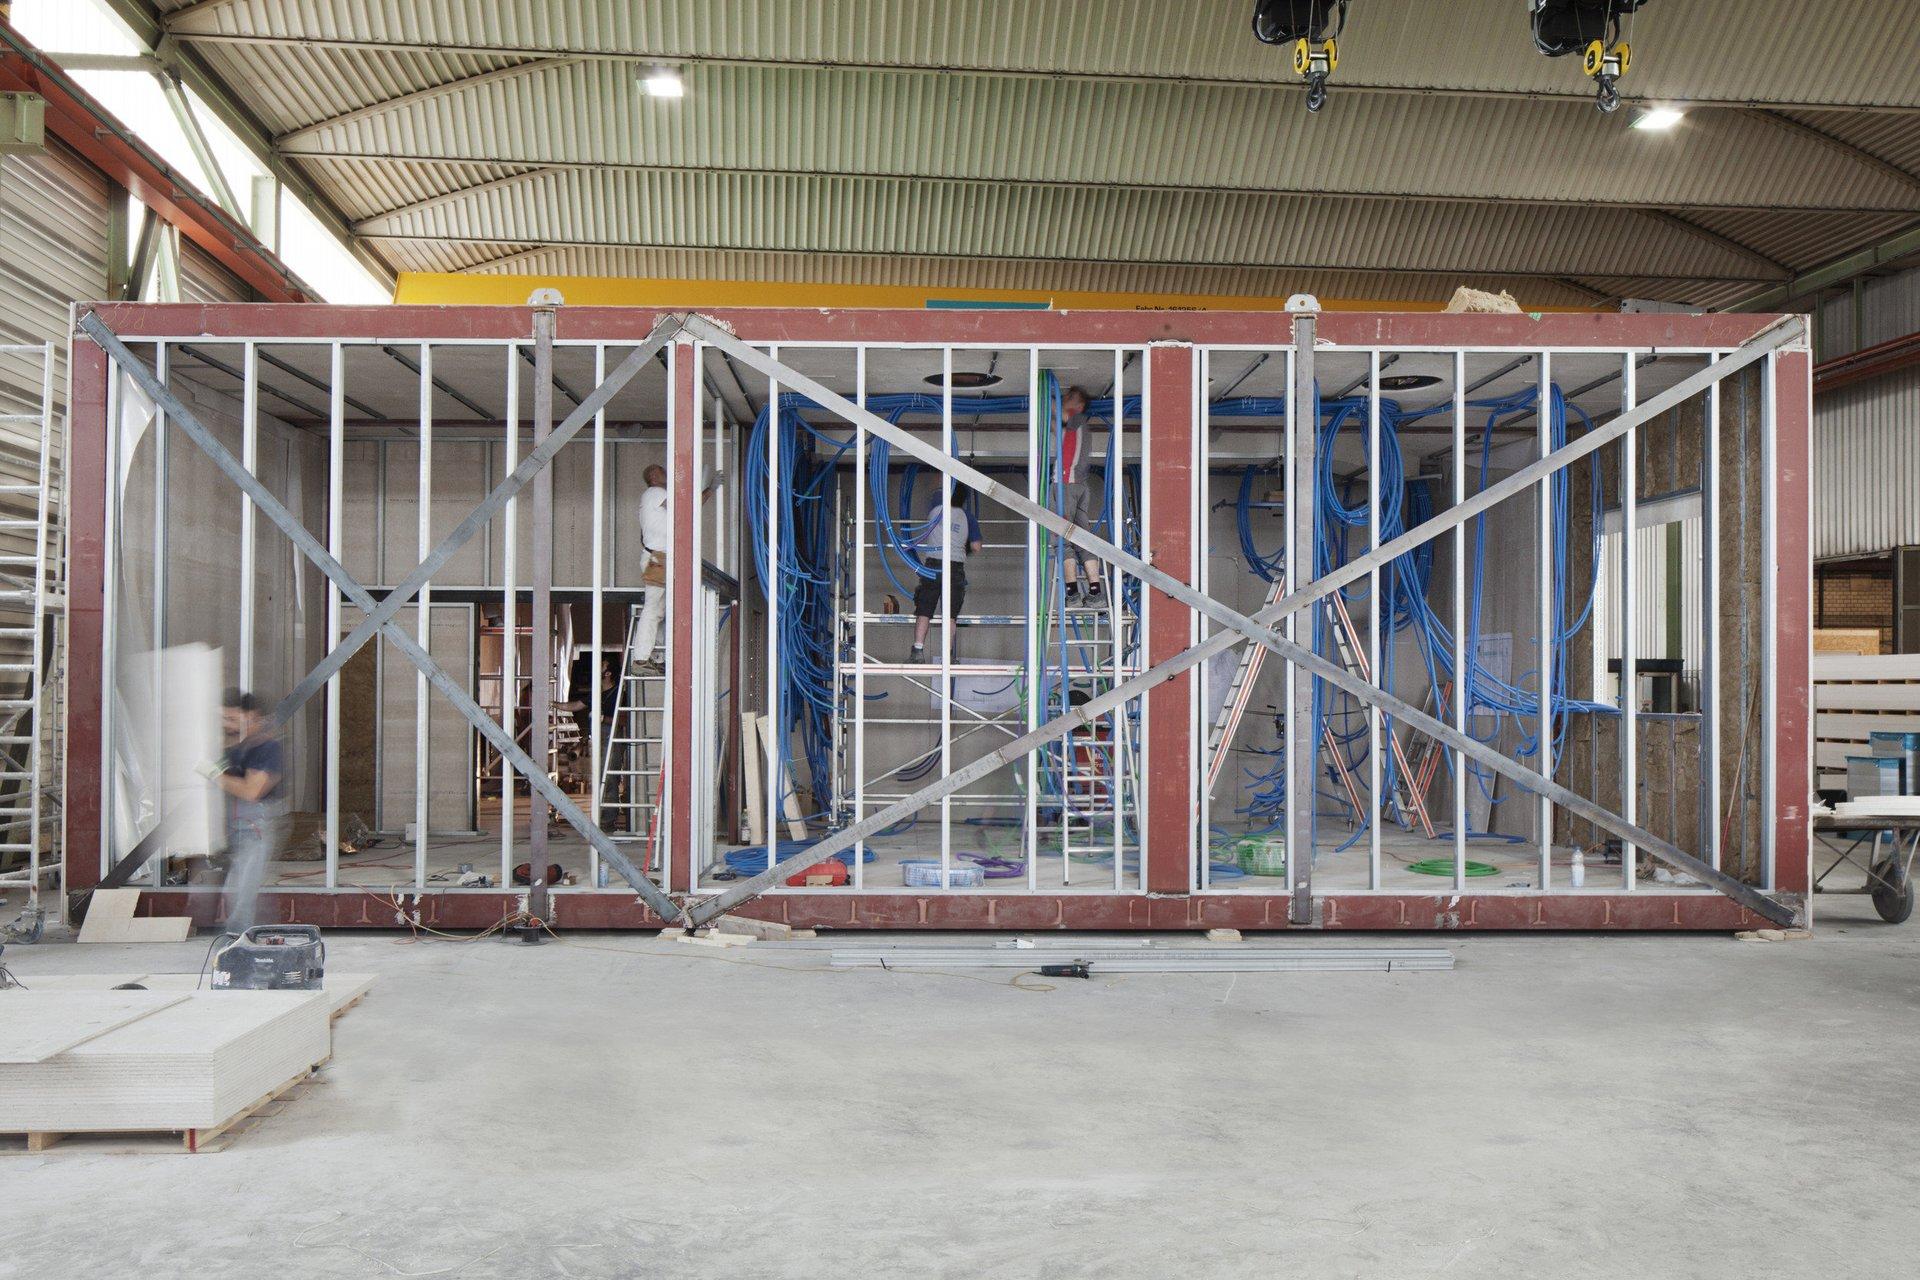 Operationssaal im Bau in Modulbauweise